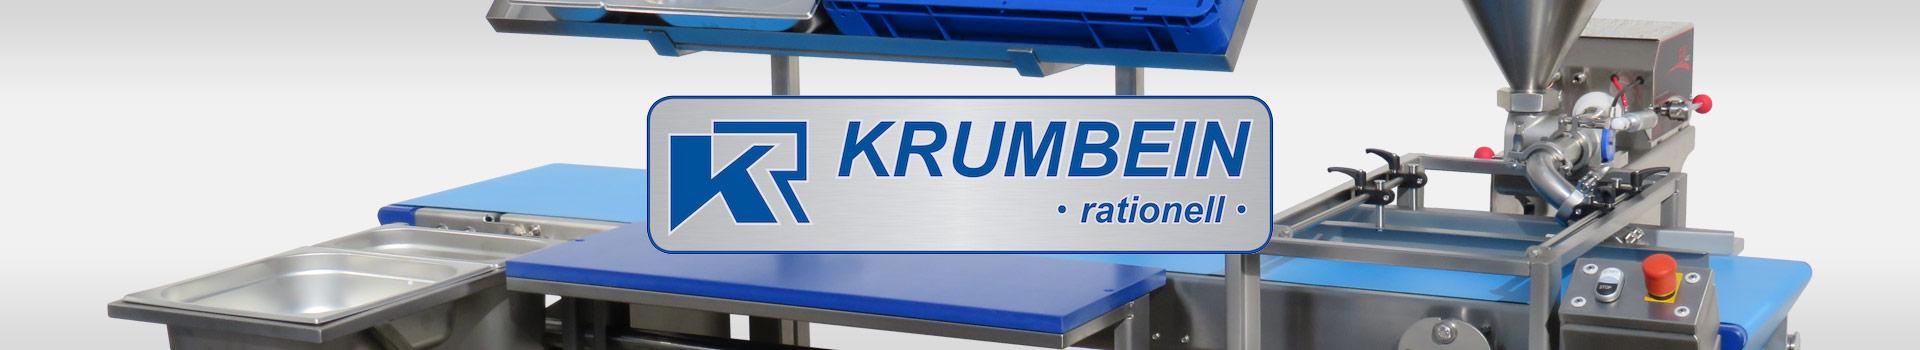 Krumbein rationell equipment